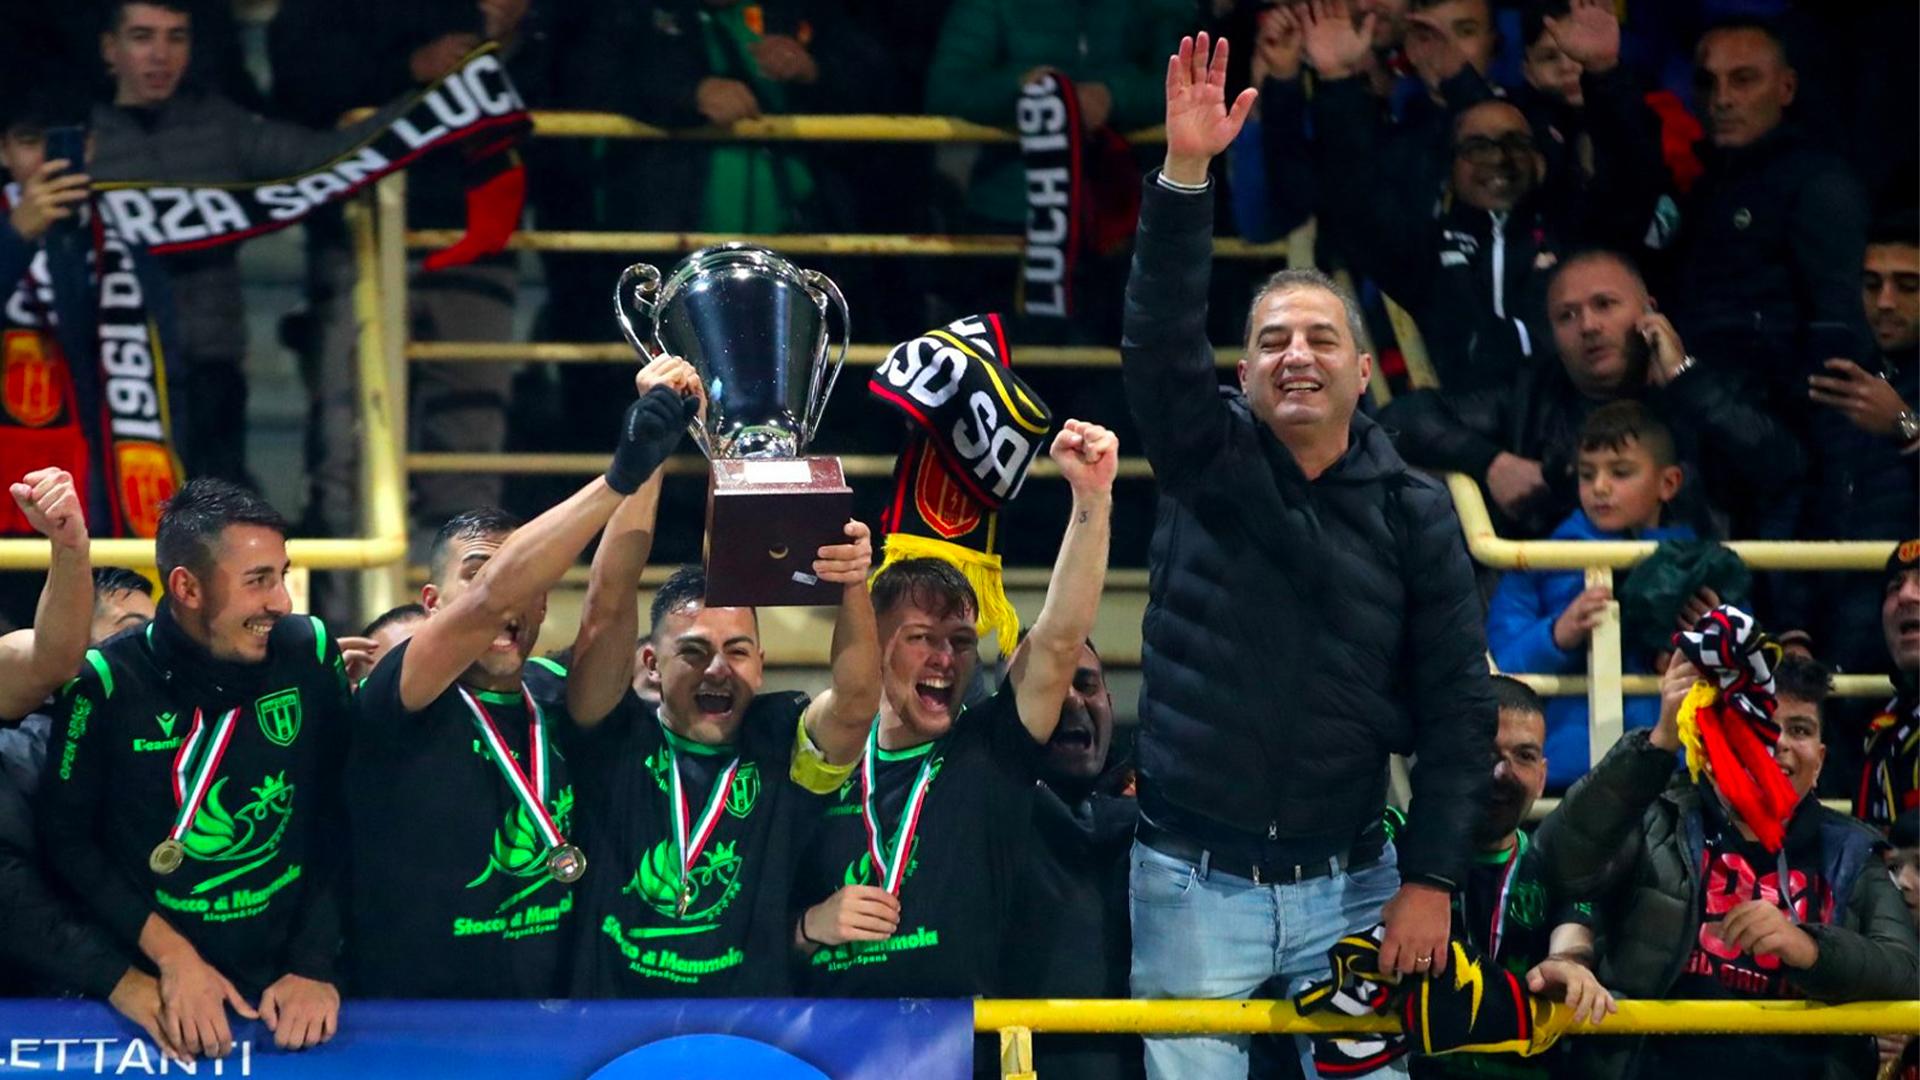 """Serie D, Giampaolo: """"Giocare con il pubblico é un'altra storia. Il San Luca vuole la Serie C"""""""